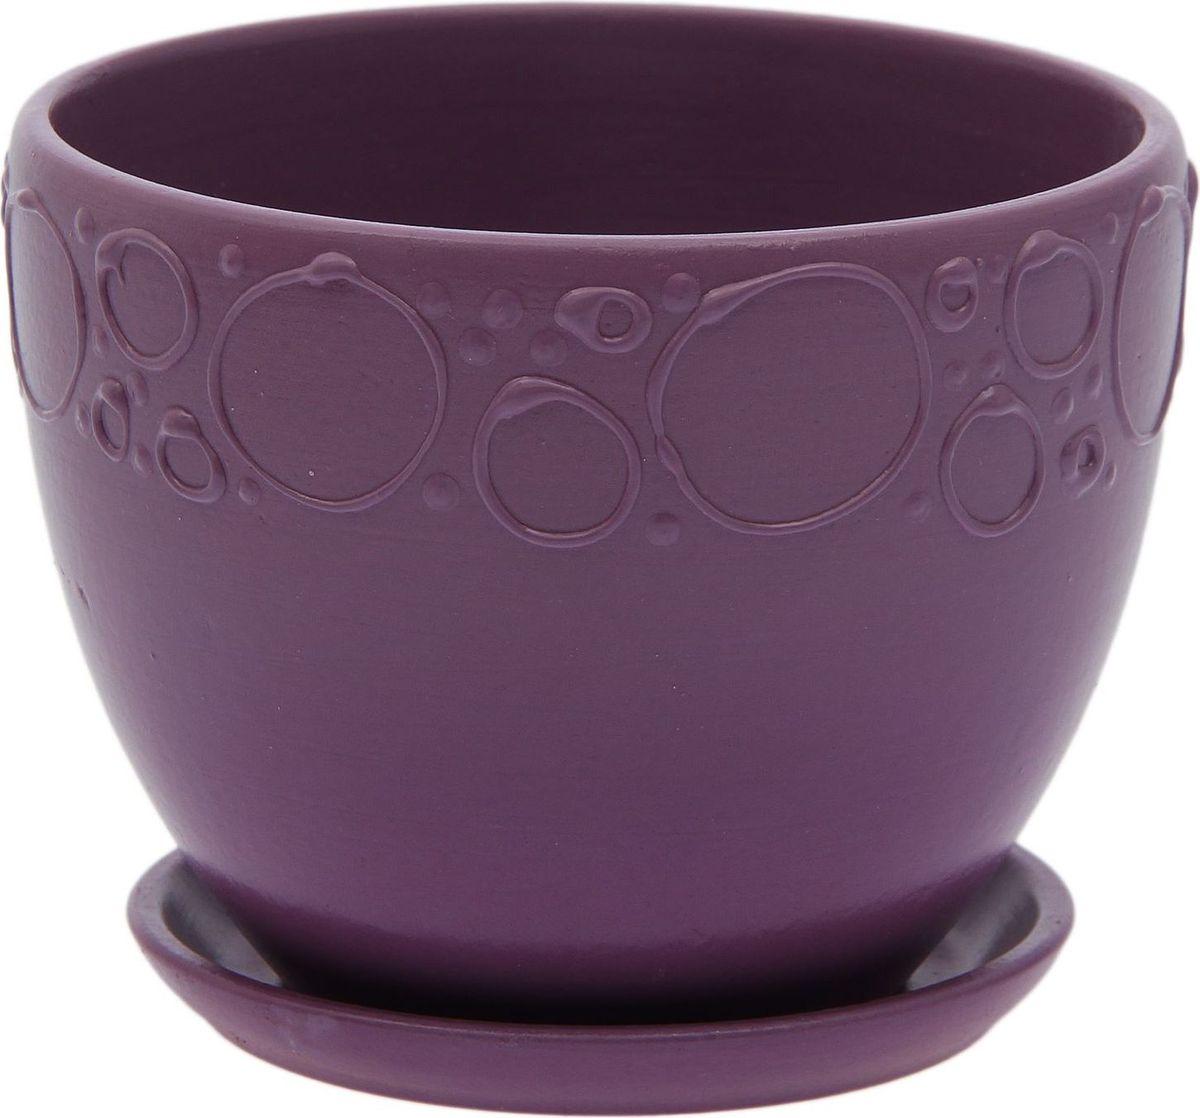 Кашпо Пузыри, цвет: фиолетовый, 2,6 л2015532Комнатные растения — всеобщие любимцы. Они радуют глаз, насыщают помещение кислородом и украшают пространство. Каждому из них необходим свой удобный и красивый дом. Кашпо из керамики прекрасно подходят для высадки растений: за счёт пластичности глины и разных способов обработки существует великое множество форм и дизайновпористый материал позволяет испаряться лишней влагевоздух, необходимый для дыхания корней, проникает сквозь керамические стенки! #name# позаботится о зелёном питомце, освежит интерьер и подчеркнёт его стиль.